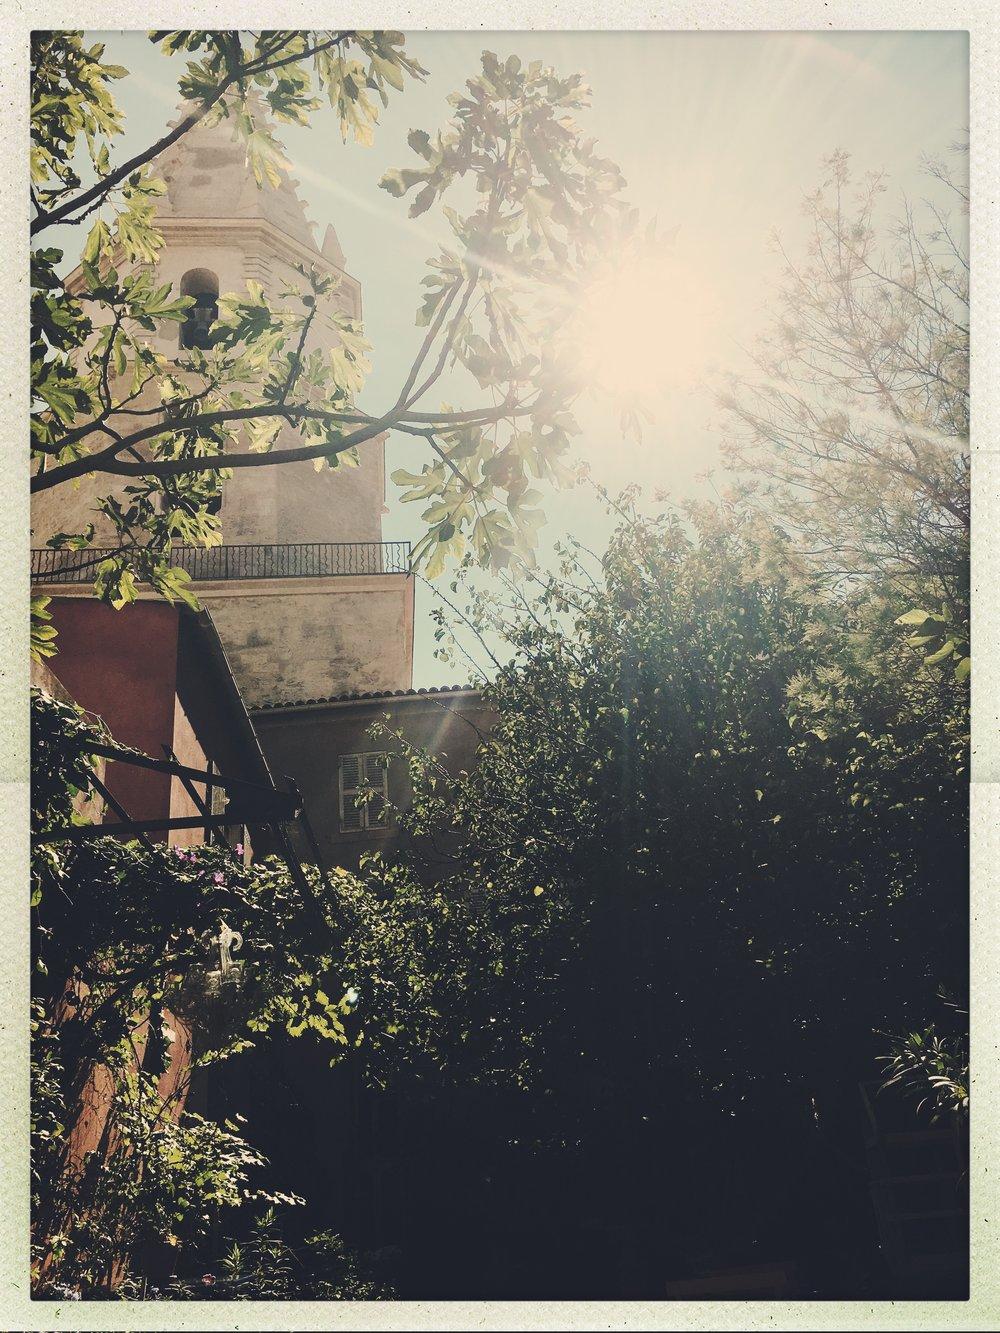 nuns garden